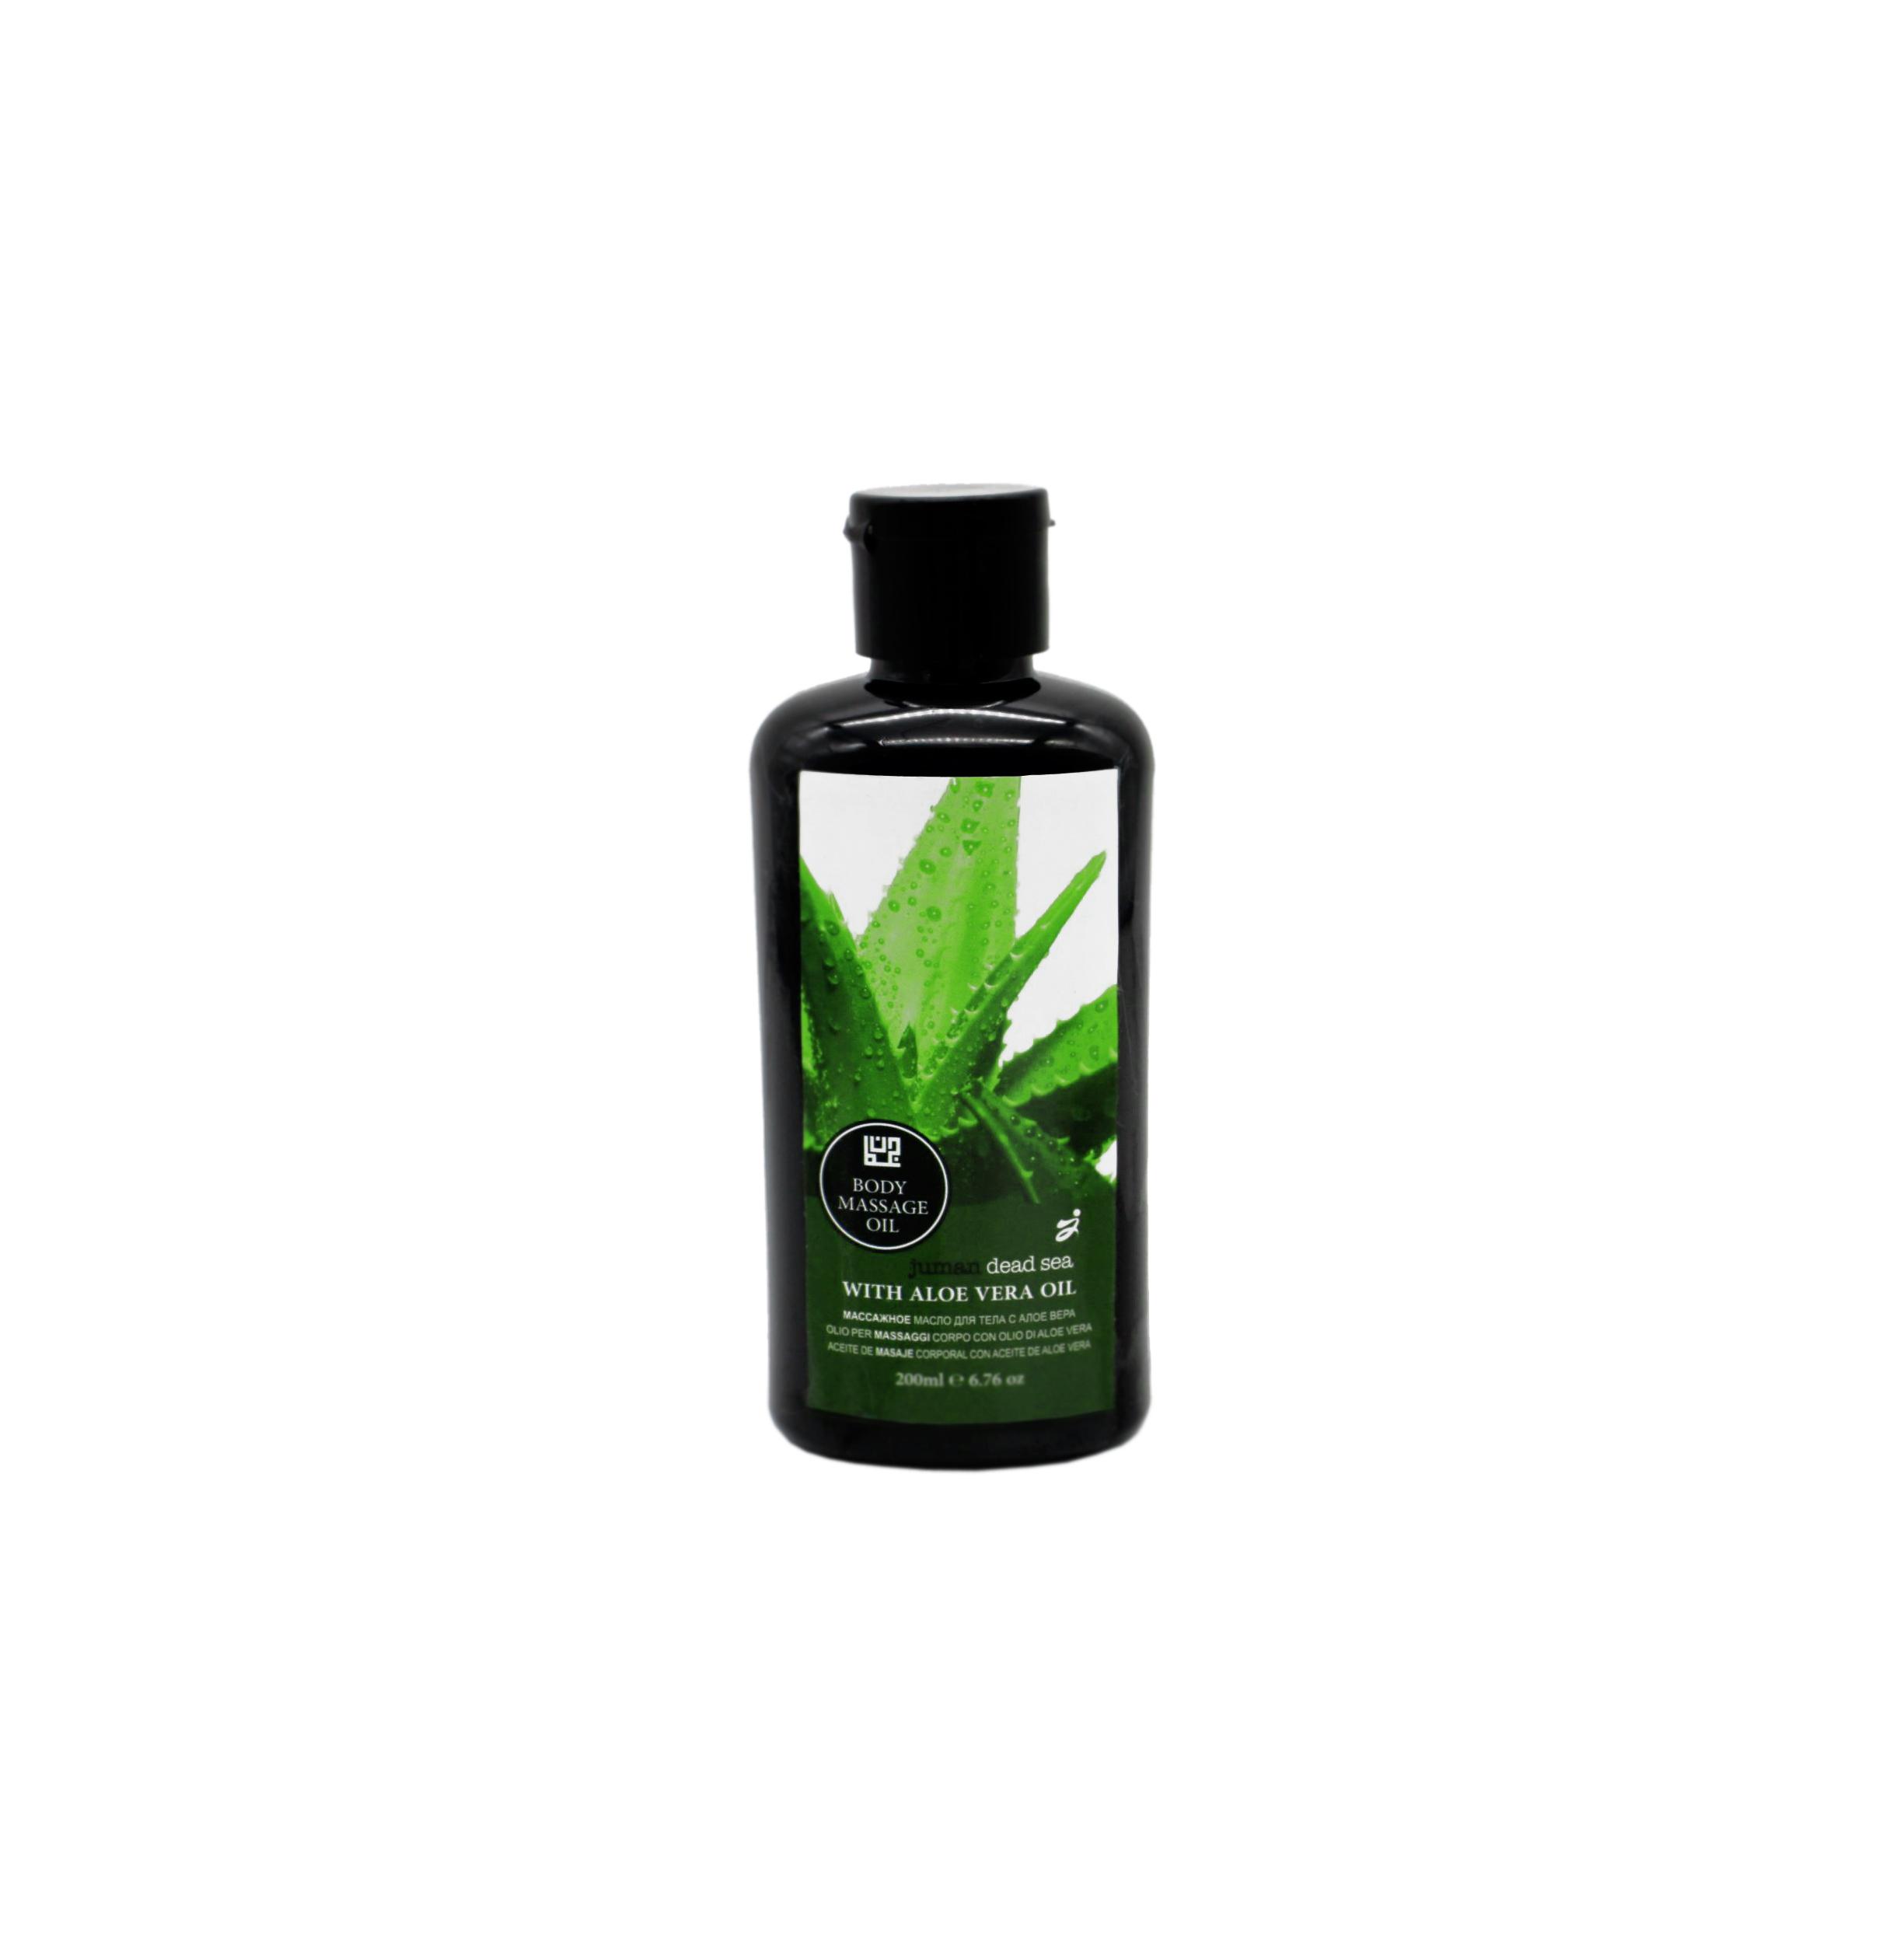 Buy Body Massage Oil with Aloe Vera Oil